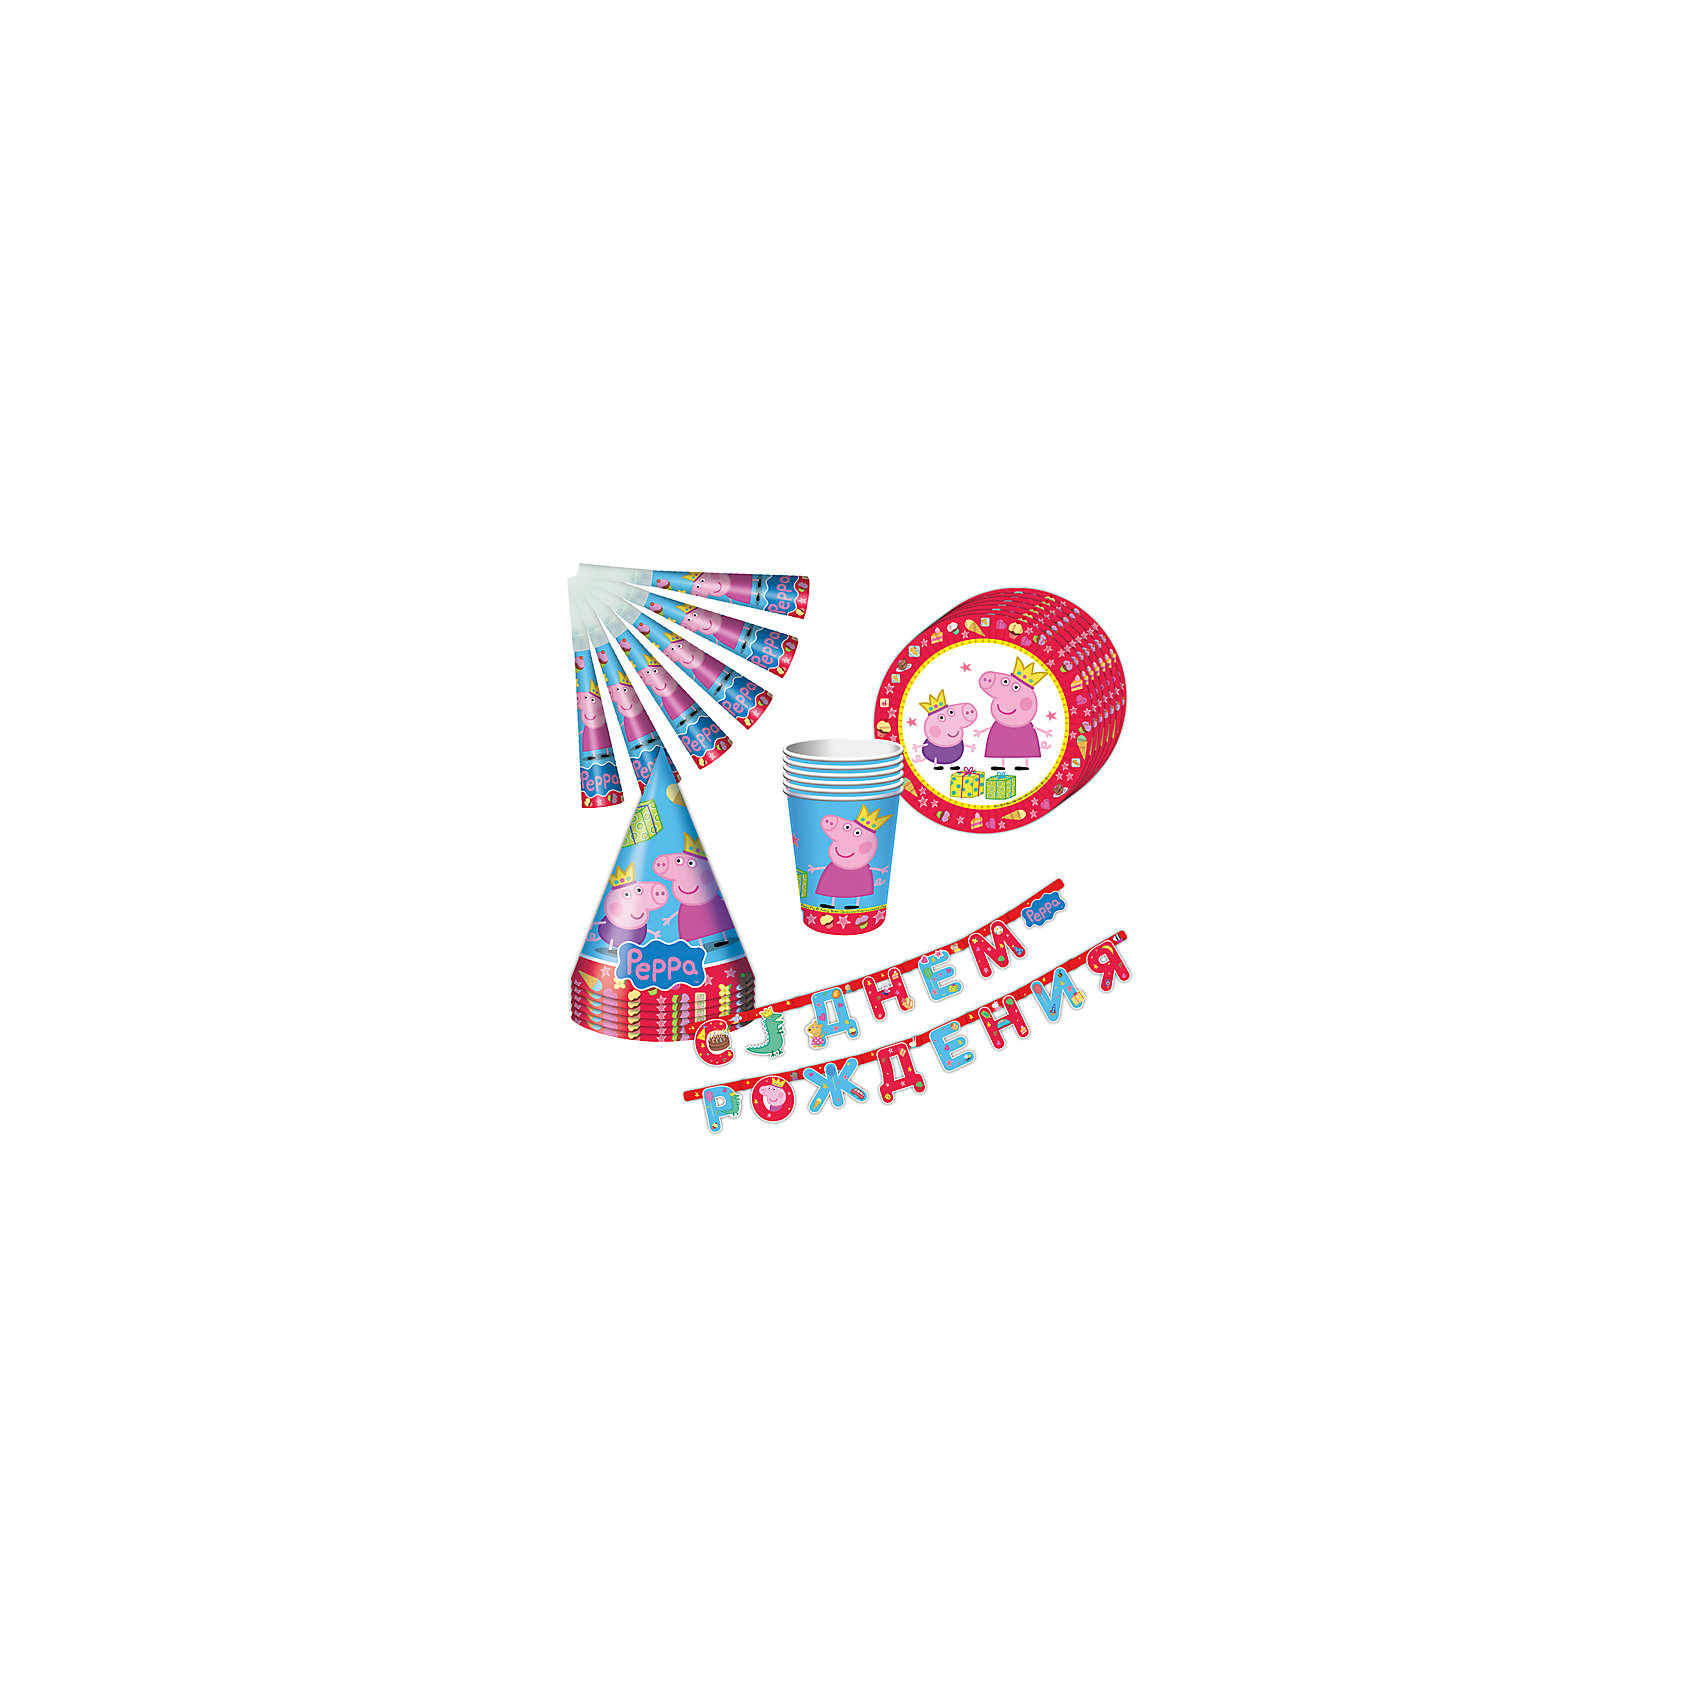 Набор посуды Пеппа-принцесса (25 предметов)Детские наборы одноразовой посуды<br>Набор посуды Пеппа-принцесса (25 предметов) - этот красочный набор послужит идеальным решением для проведения дня рождения.<br>С набором «Пеппа-принцесса» День Рождения ребенка станет по-настоящему незабываемым! Красочный дизайн с веселой свинкой поднимет настроение всем: и детям, и даже взрослым. Гирлянда преобразит помещение, колпачки и дудочки помогут организовать множество увлекательных игр. А красивая посуда ярко украсит стол и принесет практическую пользу: одноразовые тарелки и стаканы почти невесомы, не могут разбиться, их не надо мыть. Сделанная из бумаги, такая посуда абсолютно безопасна и, благодаря специальному покрытию, прекрасно удерживает еду и напитки.<br><br>Дополнительная информация:<br><br>- В наборе 25 предметов на 6 персон: 6 тарелок диаметром 23 см, 6 стаканов объемом 210 мл, 6 бумажных колпачков на резинках, 6 бумажных дудочек, 1 бумажная гирлянда с надписью «С Днем Рождения» длиной 2,5 м<br>- Материал: бумага<br>- Упаковка: красочная подарочная коробка<br>- Размер упаковки: 300 х 330 x 80 мм.<br>- Вес: 300 гр.<br><br>Набор посуды Пеппа-принцесса (25 предметов) можно купить в нашем интернет-магазине.<br><br>Ширина мм: 400<br>Глубина мм: 200<br>Высота мм: 200<br>Вес г: 300<br>Возраст от месяцев: 36<br>Возраст до месяцев: 84<br>Пол: Унисекс<br>Возраст: Детский<br>SKU: 4278309